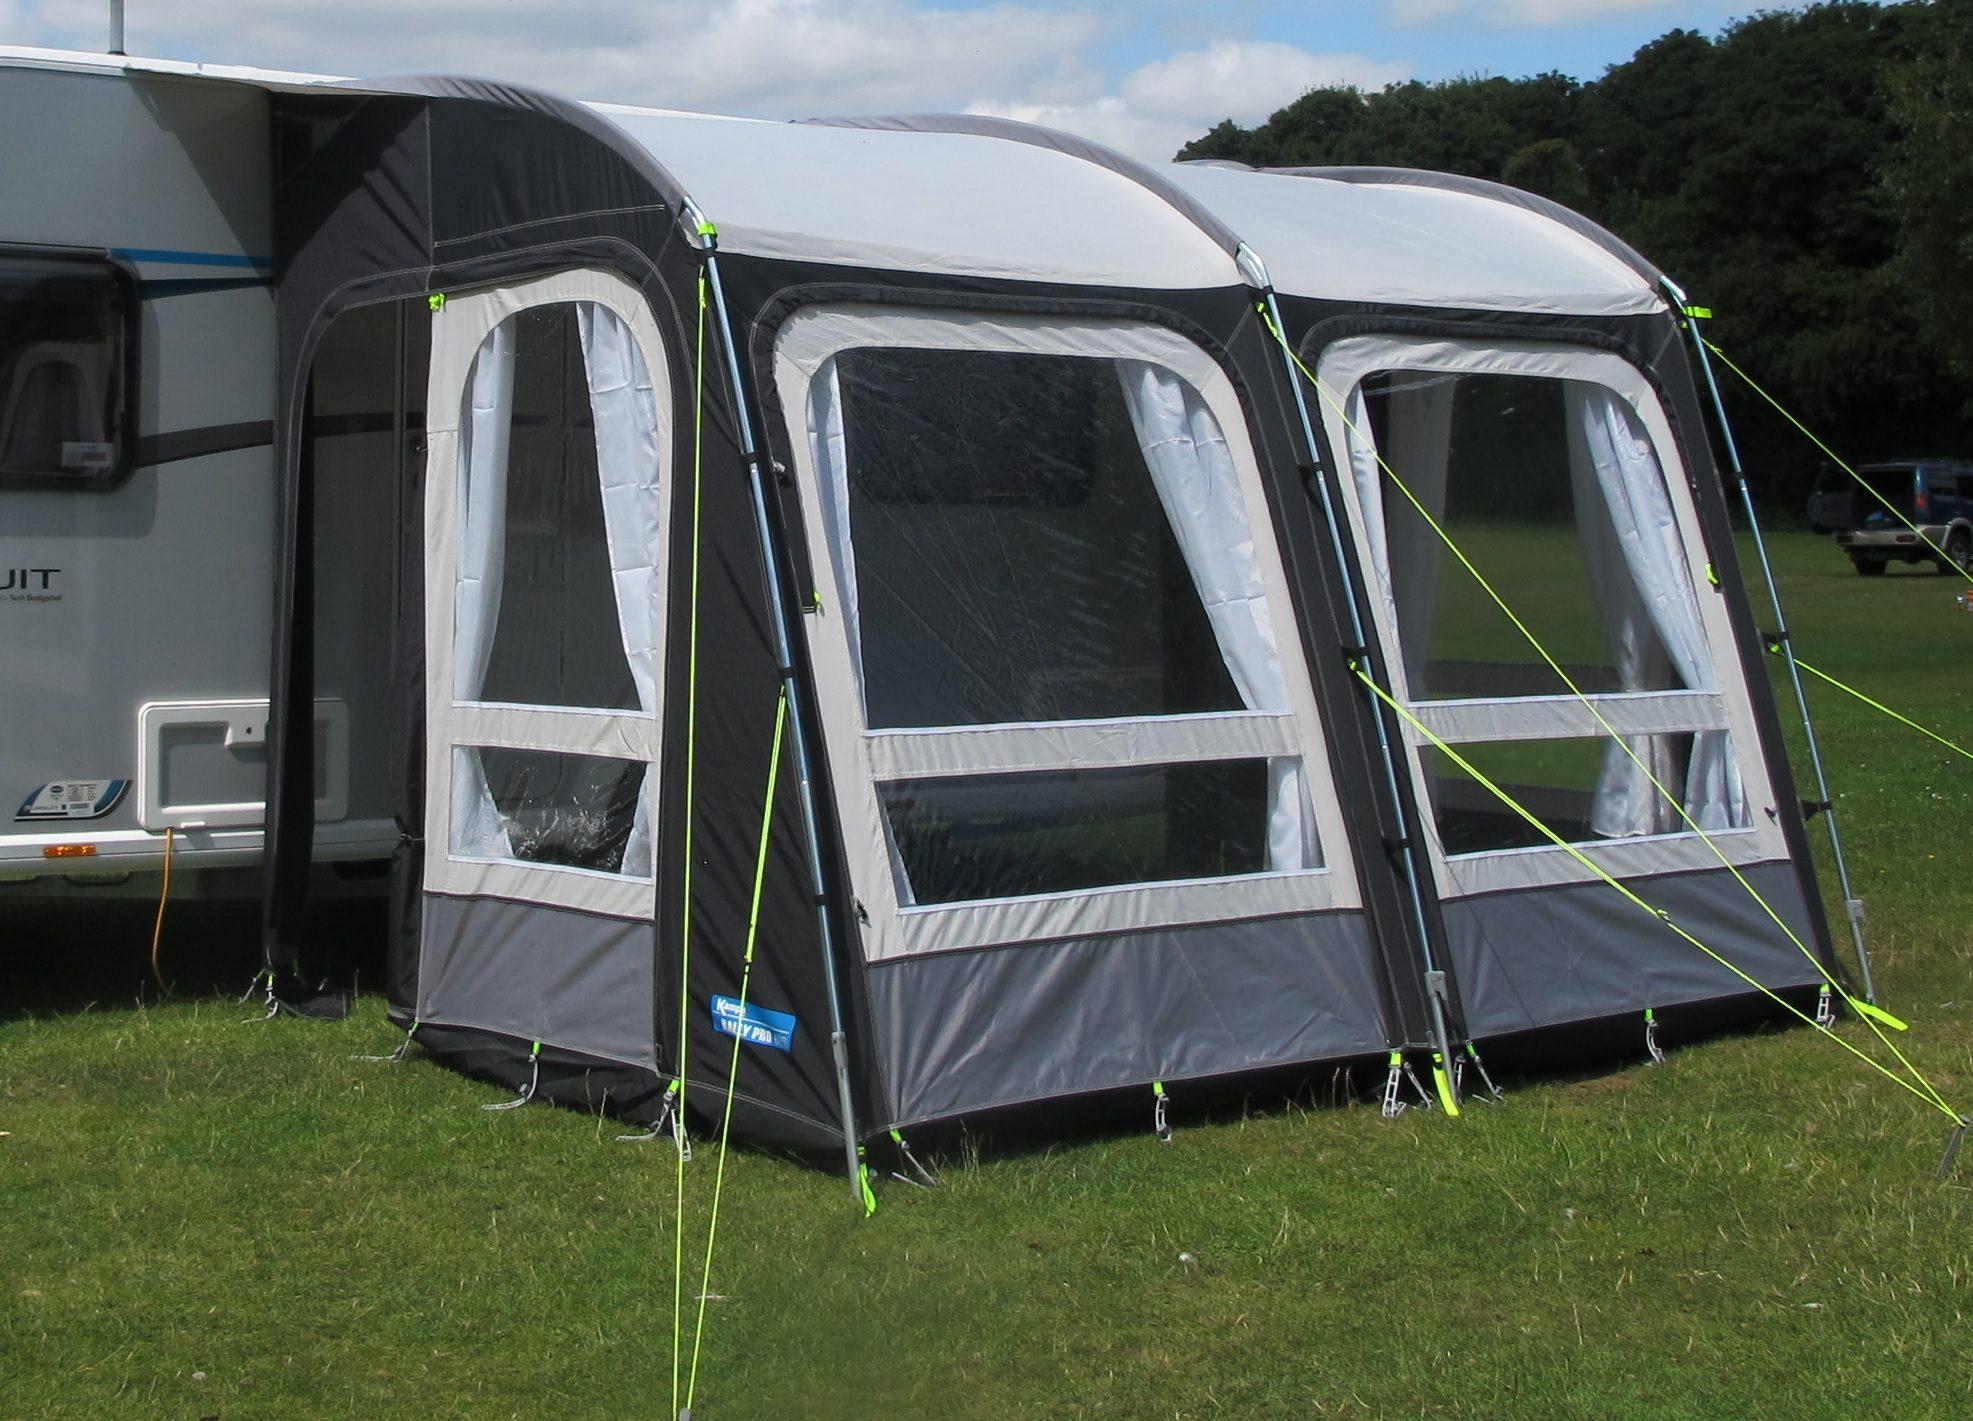 Kampa Poled Awnings Pro Awings Norwich Camping